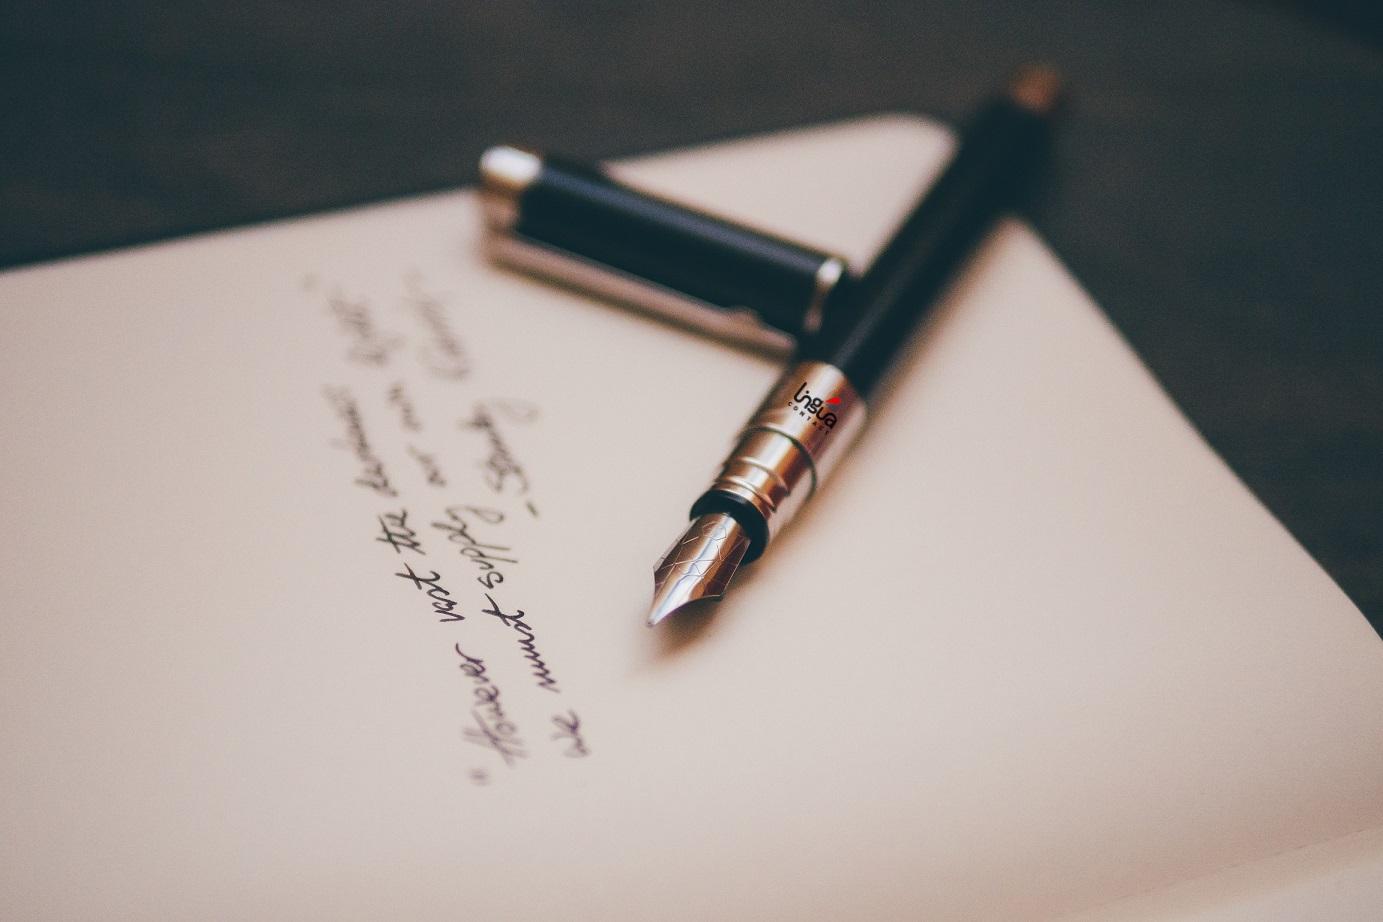 Перьевая ручка и бумага